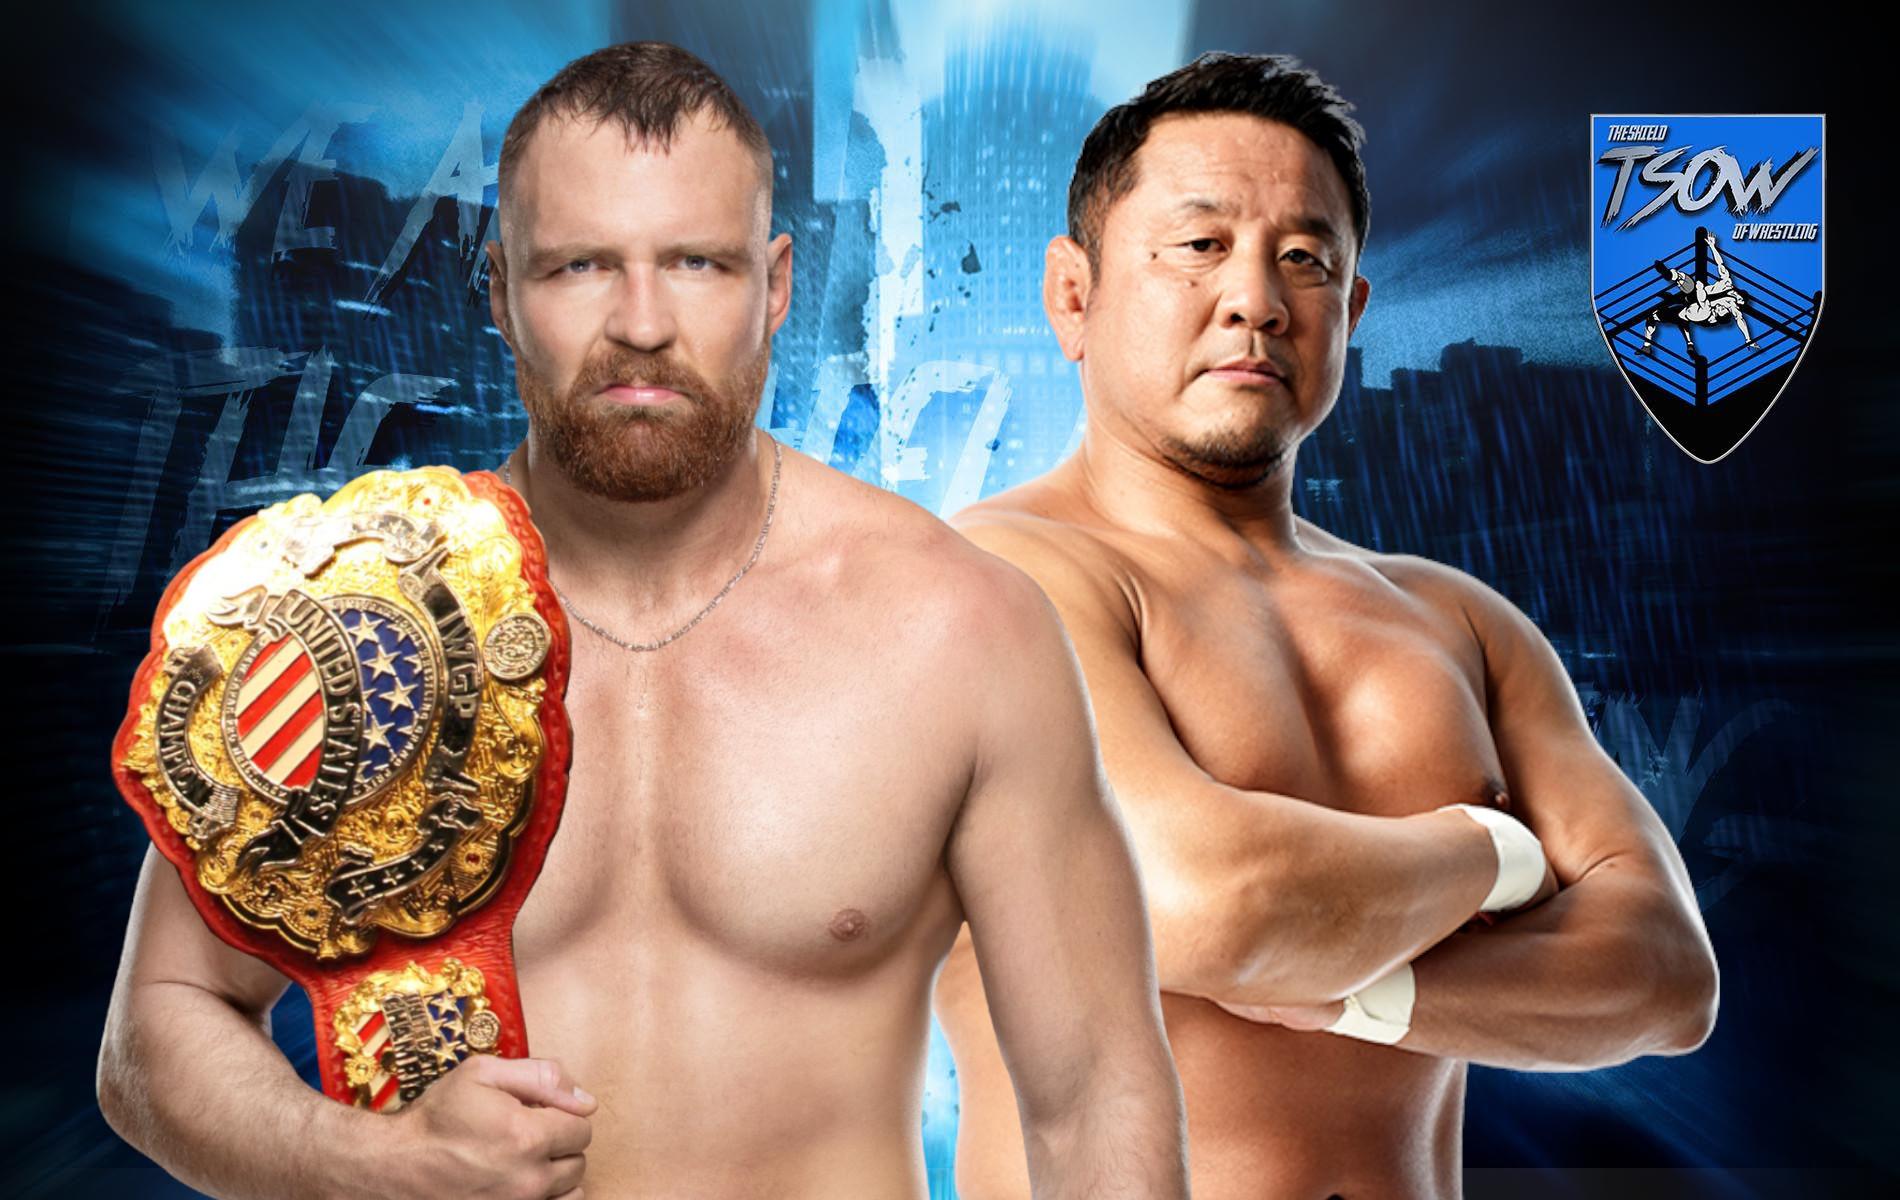 Jon Moxley vs Yuji Nagata si farà a AEW Dynamite